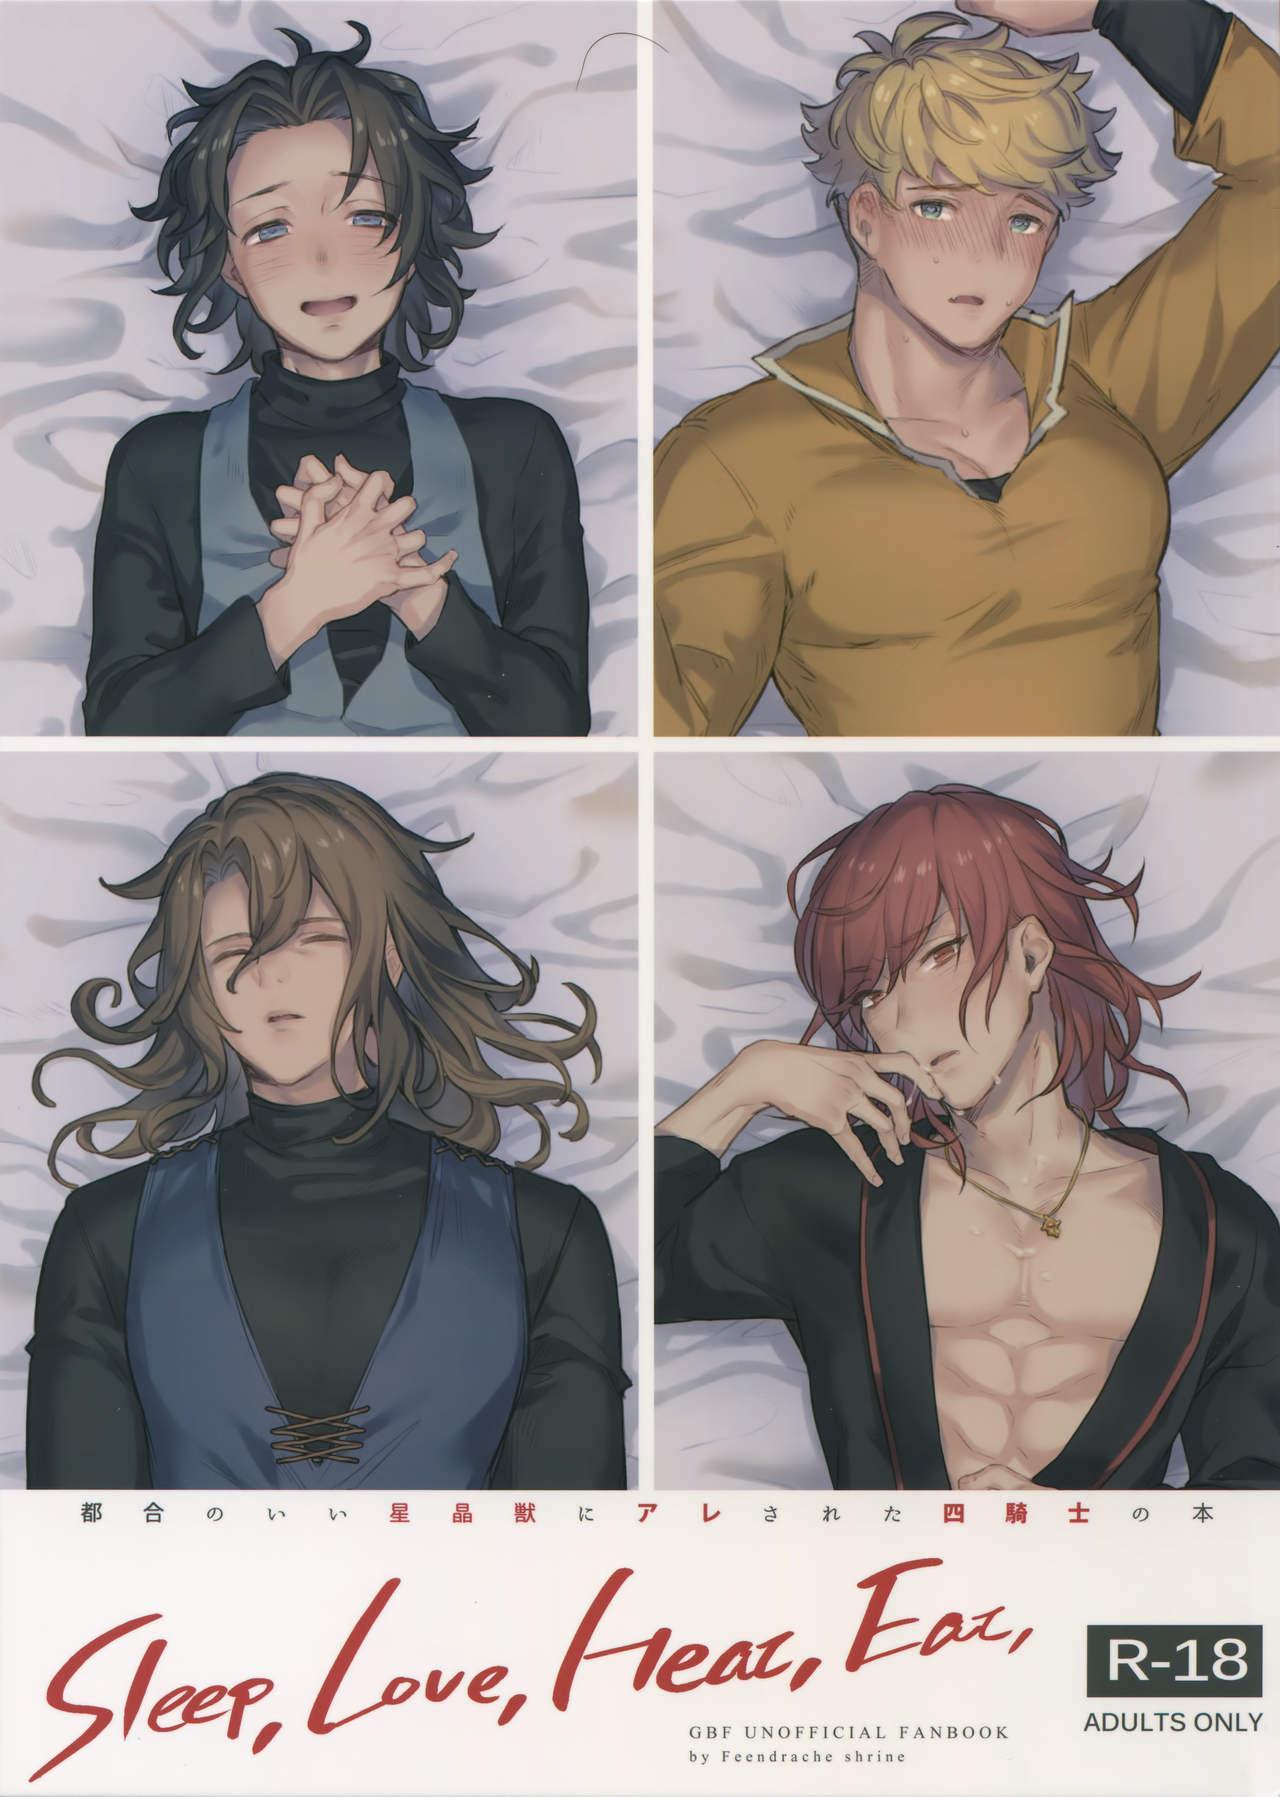 Sleep,Love,Heat,Eat, 0